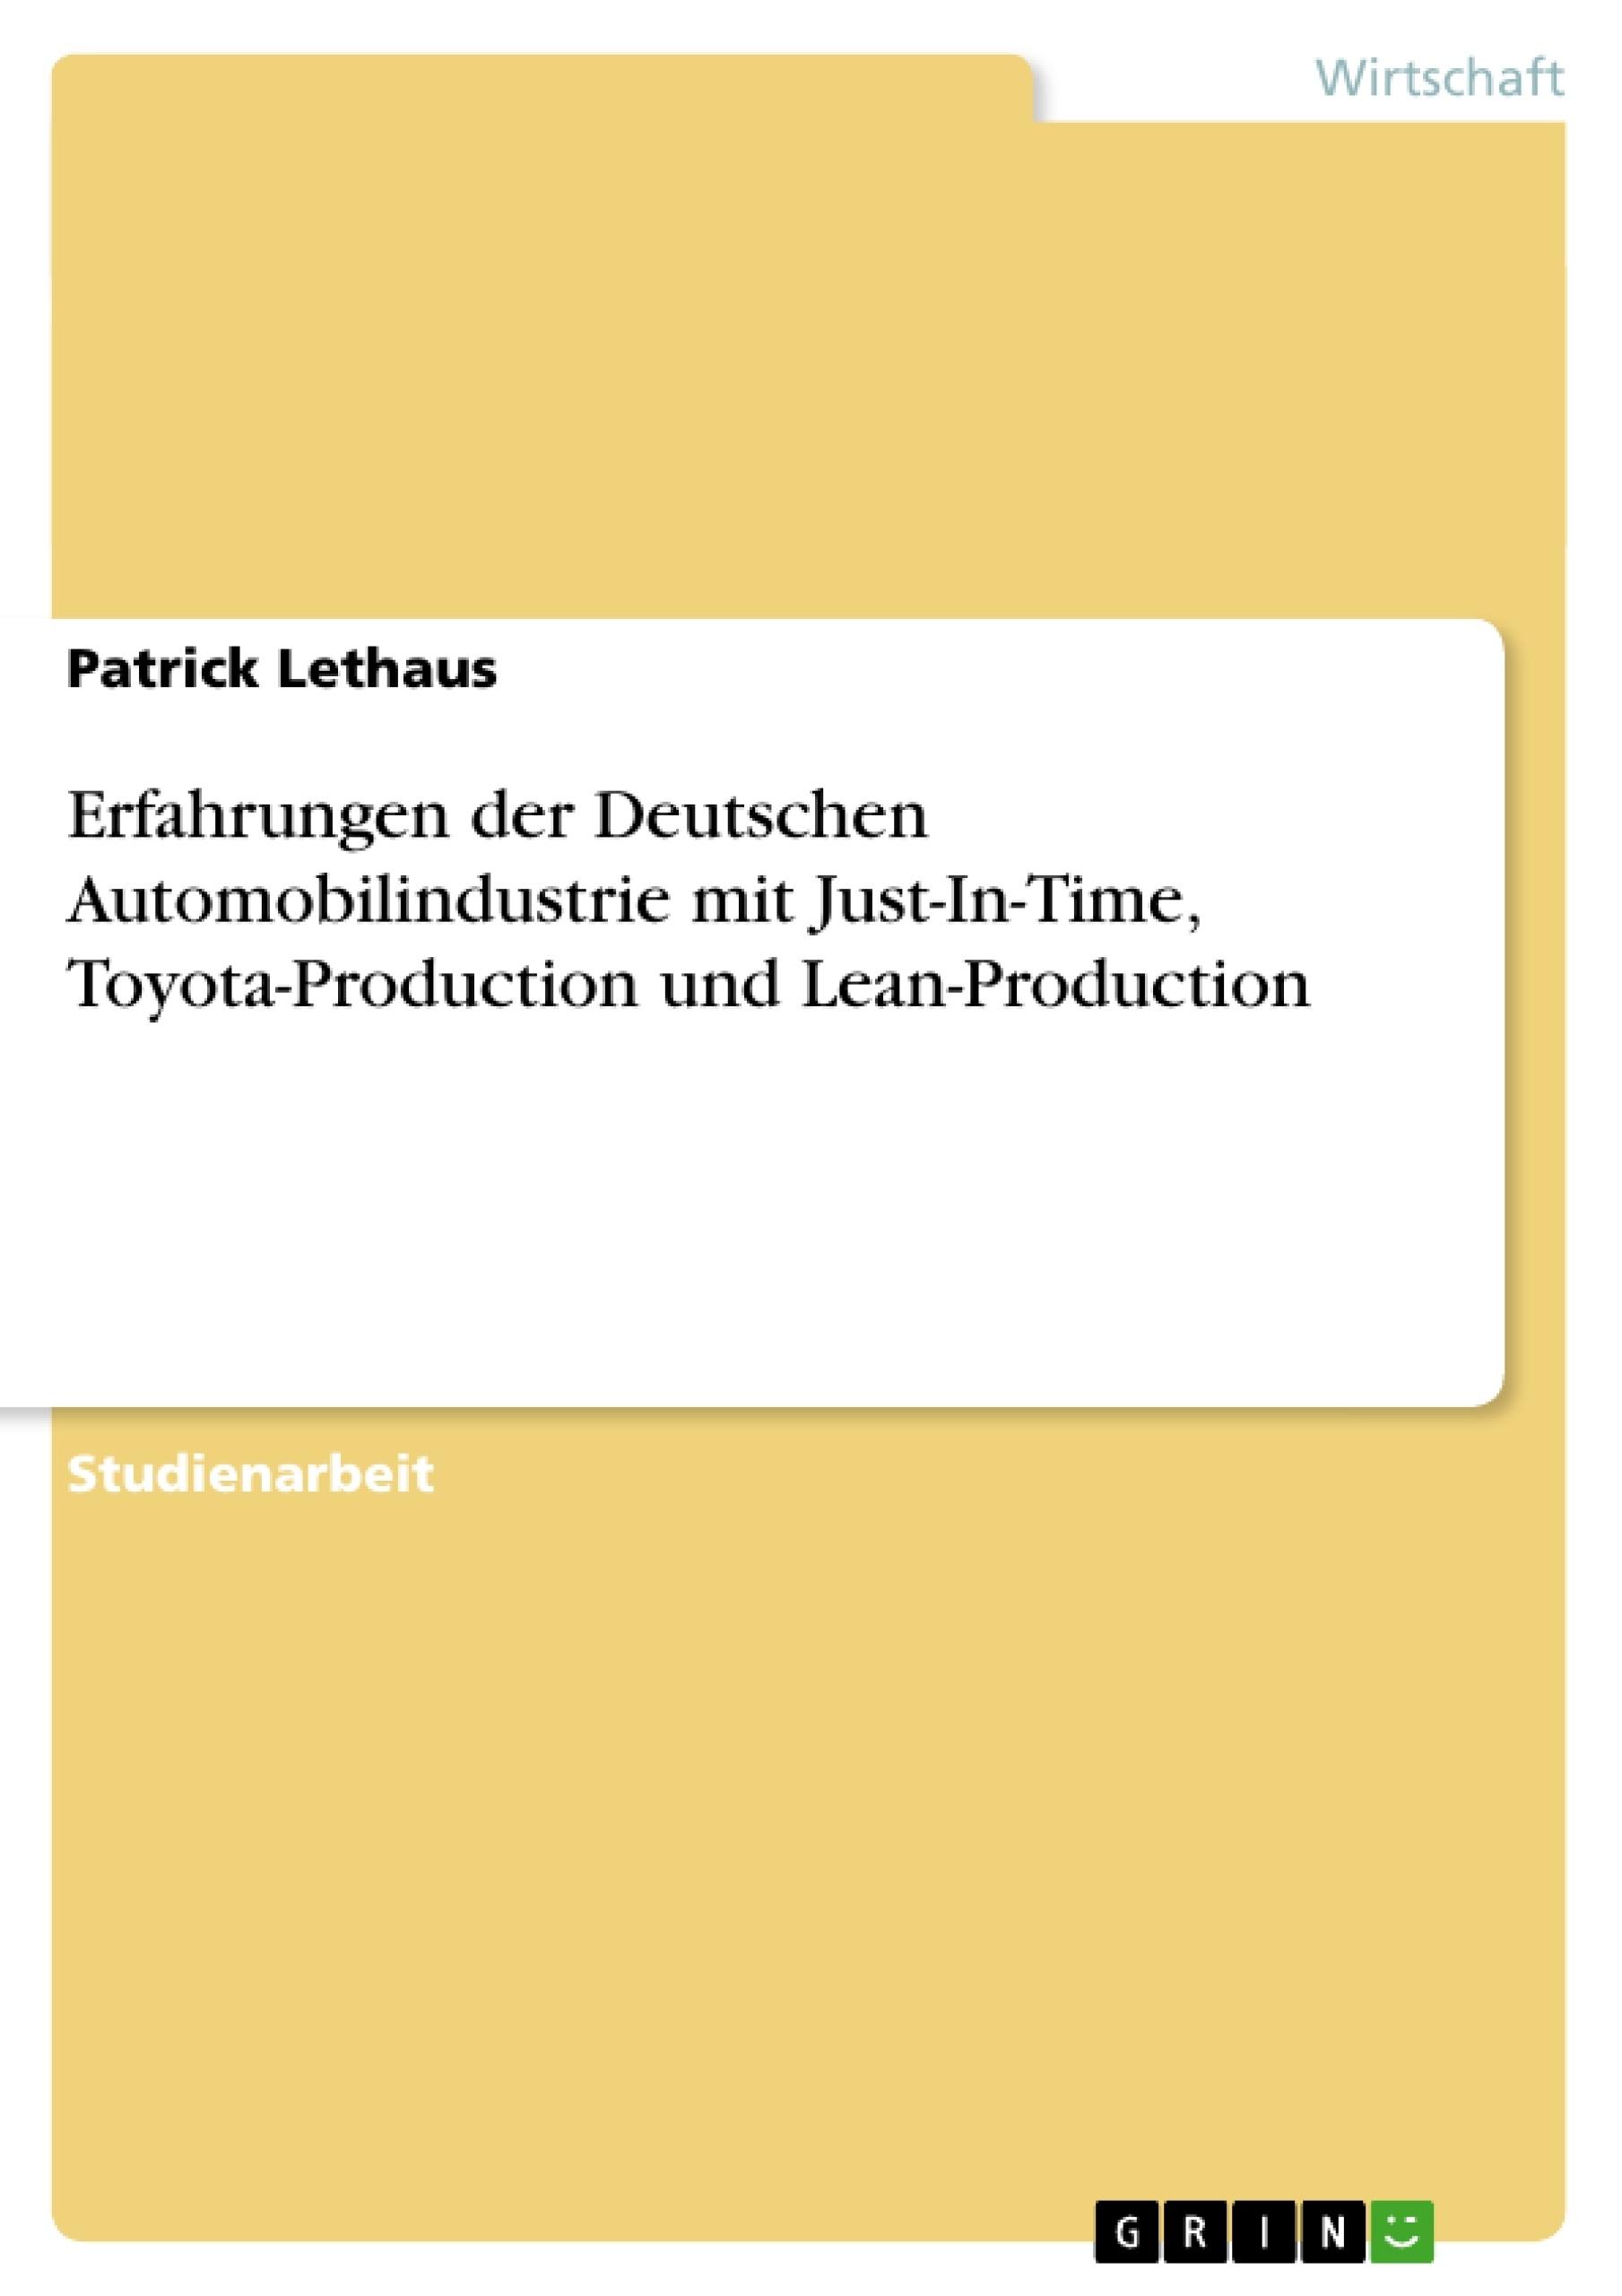 Titel: Erfahrungen der Deutschen Automobilindustrie mit Just-In-Time, Toyota-Production und Lean-Production